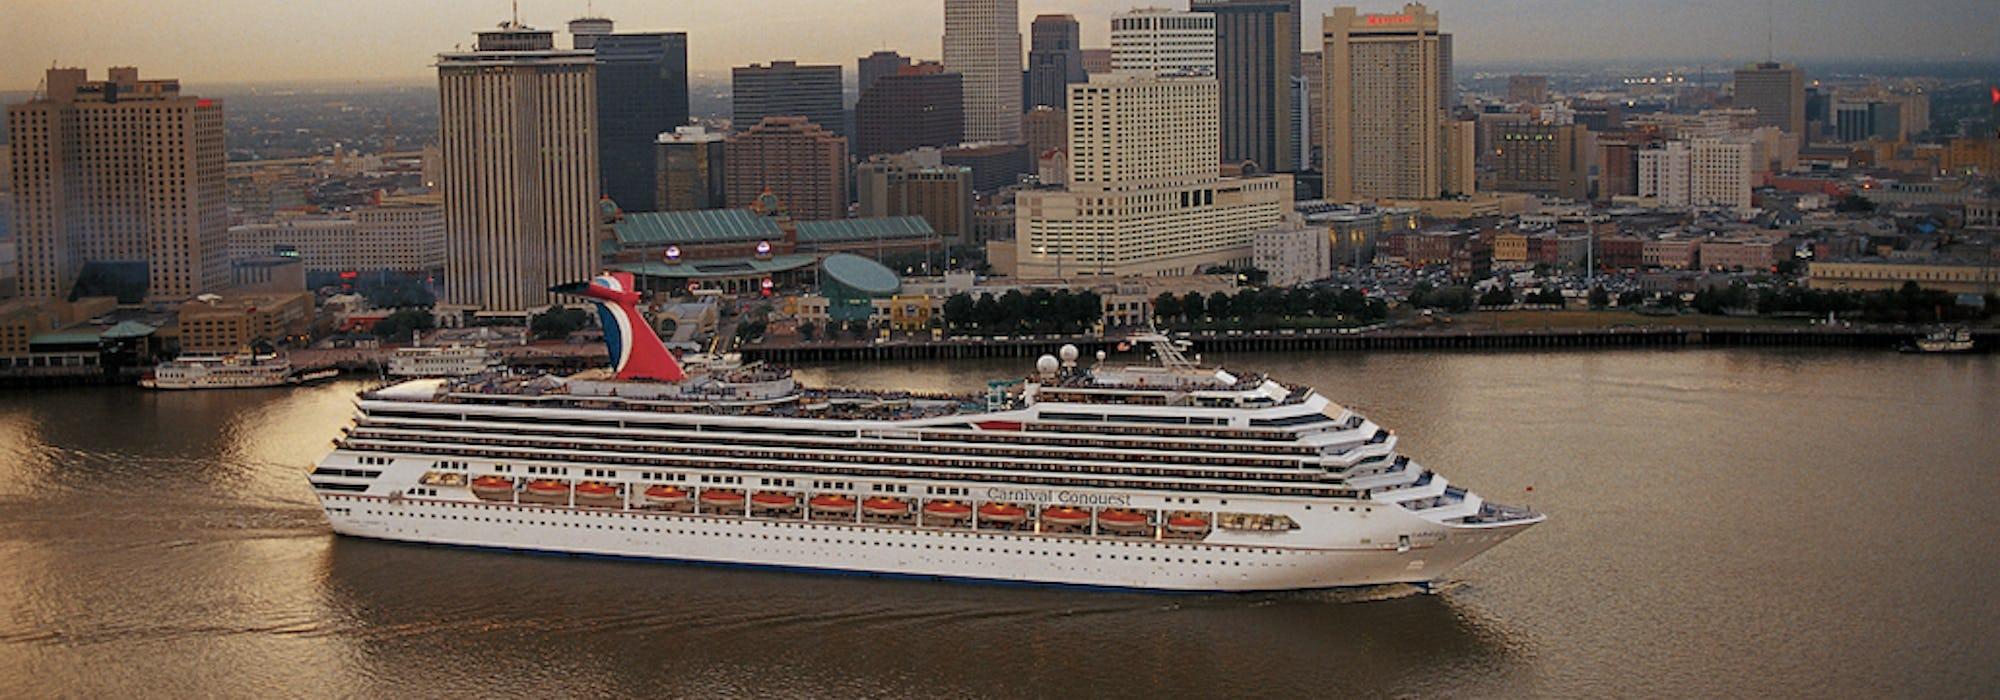 Fartyget Carnival Conquest kryssar fram framför flera skyskrapor.